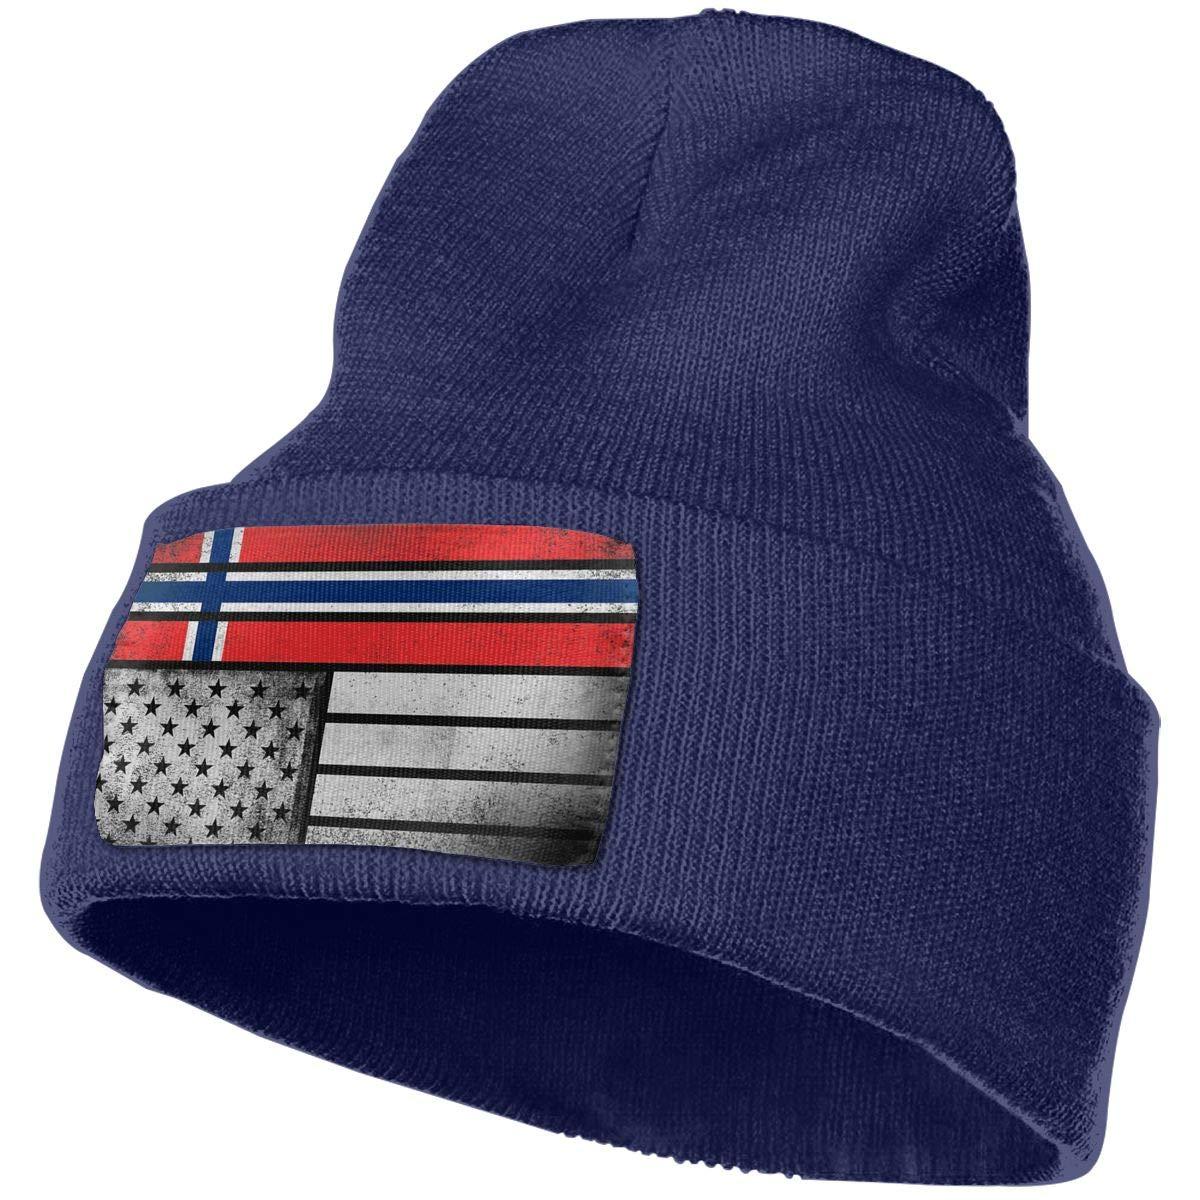 Z-YY Norwegian American Flag Unisex Winter Knitting Woolen Hat Warm Cap